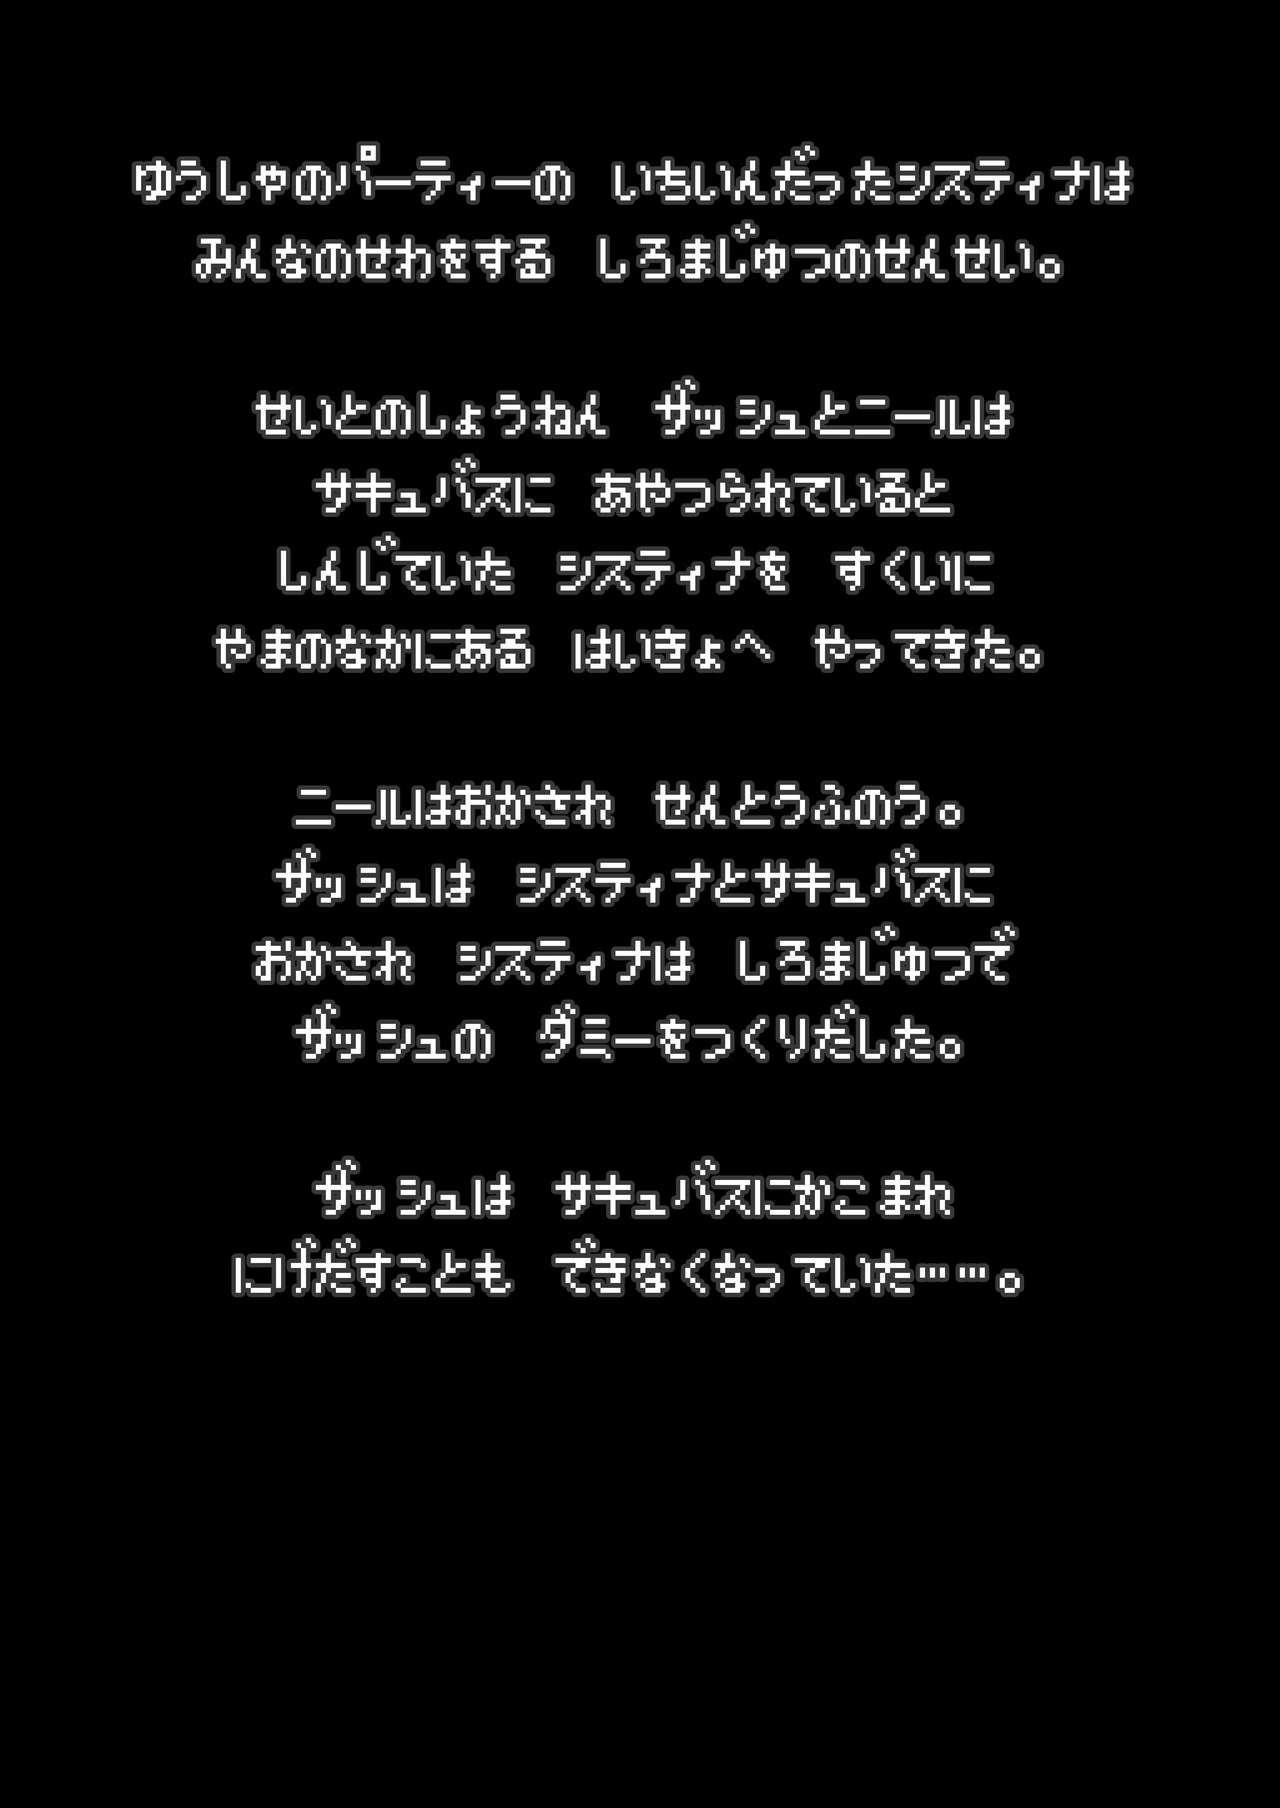 Makotoni Zannen desu ga Bouken no Sho 5 wa Kiete Shimaimashita. 1